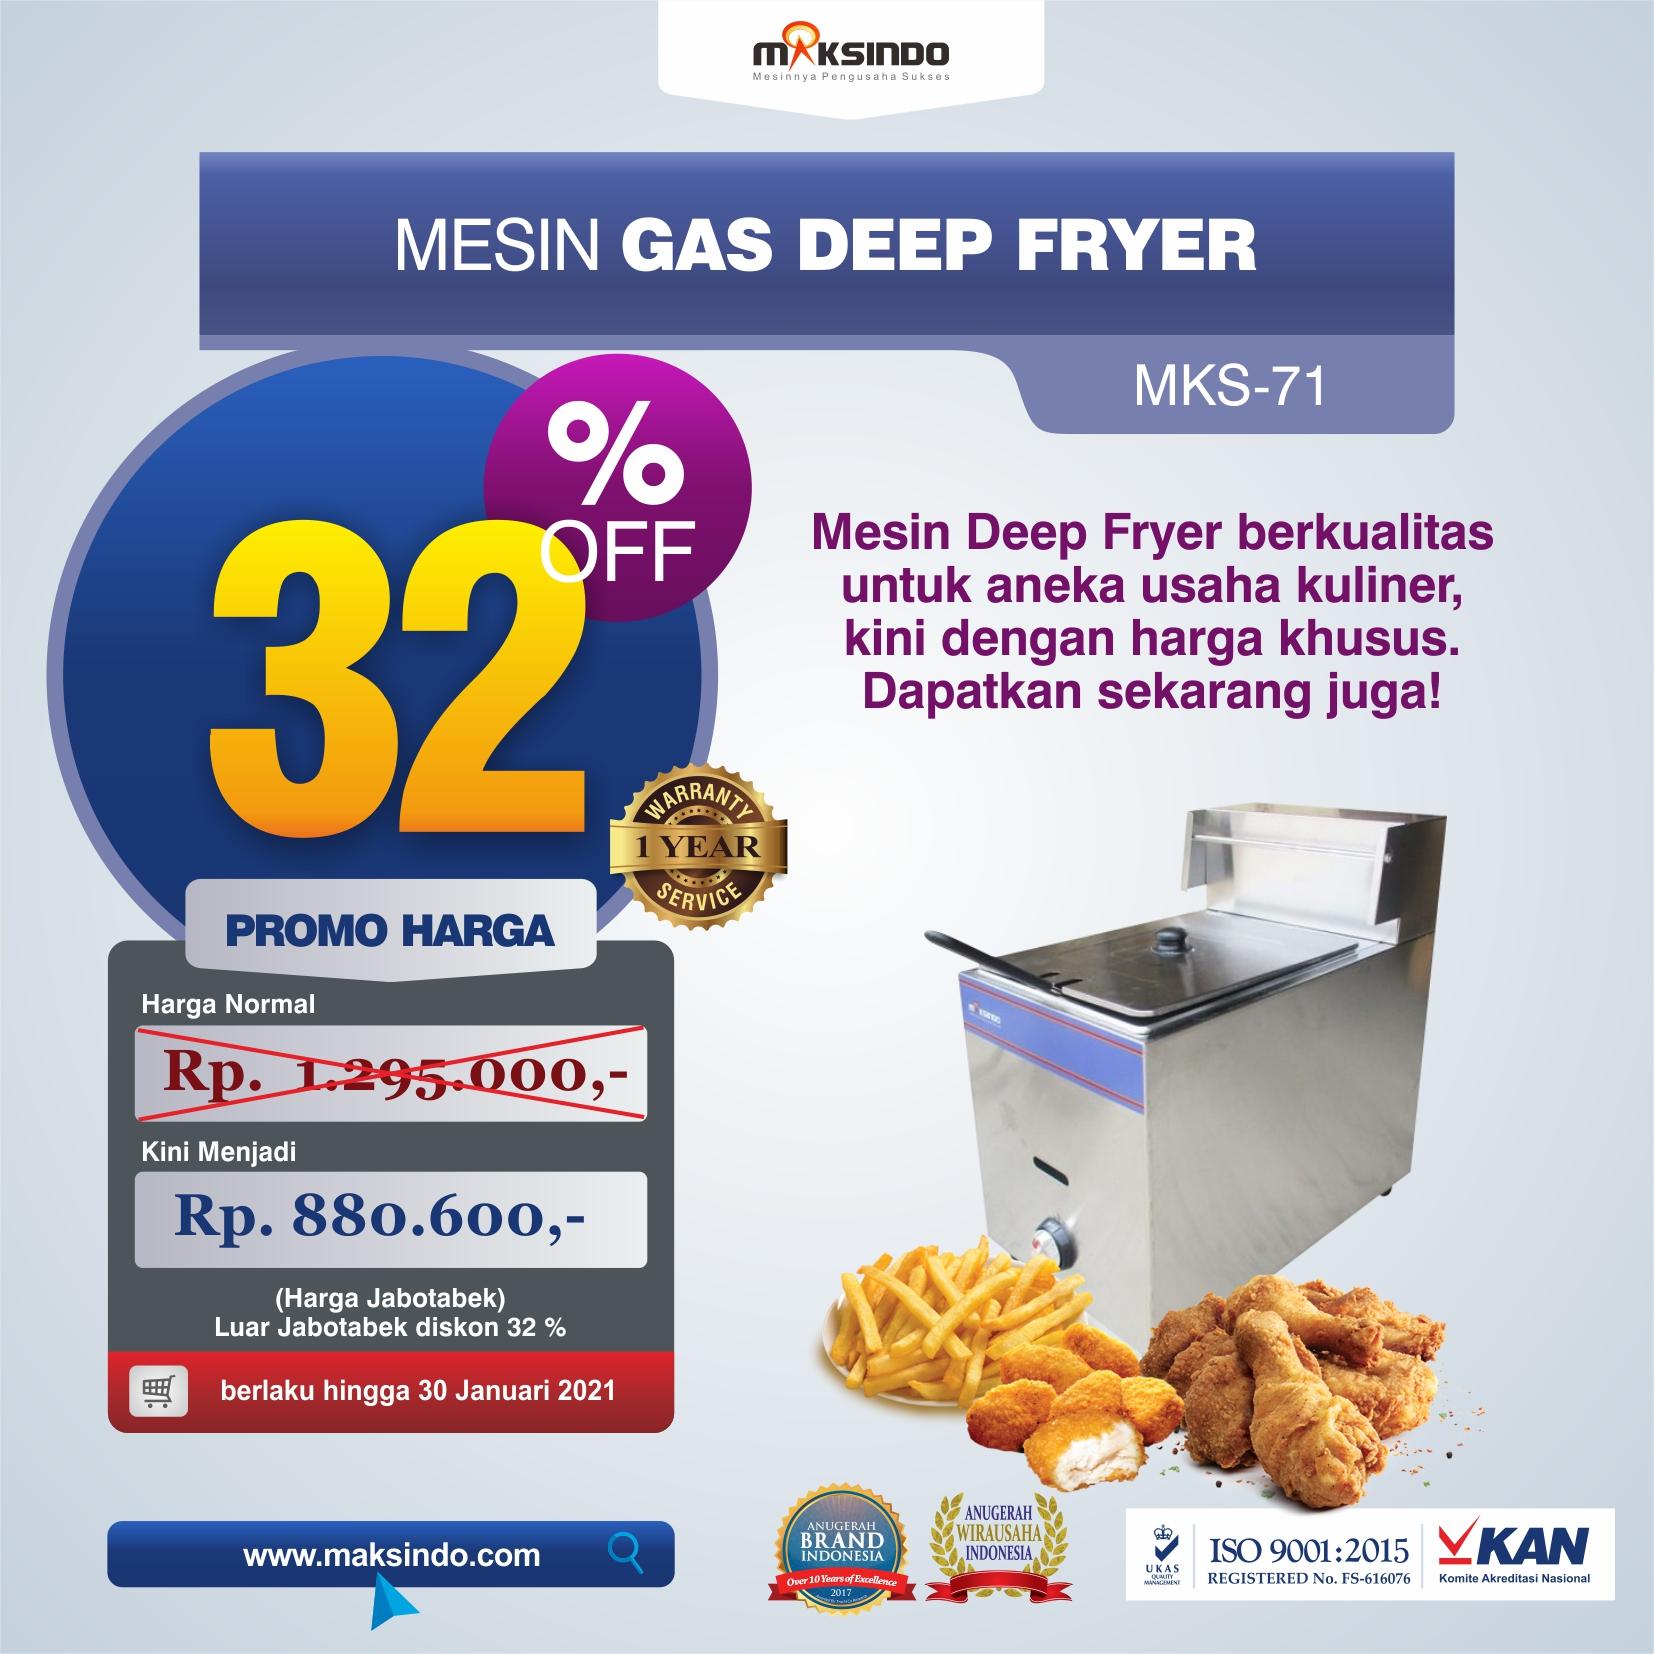 Jual Mesin Gas Deep Fryer MKS-71 di Tangerang